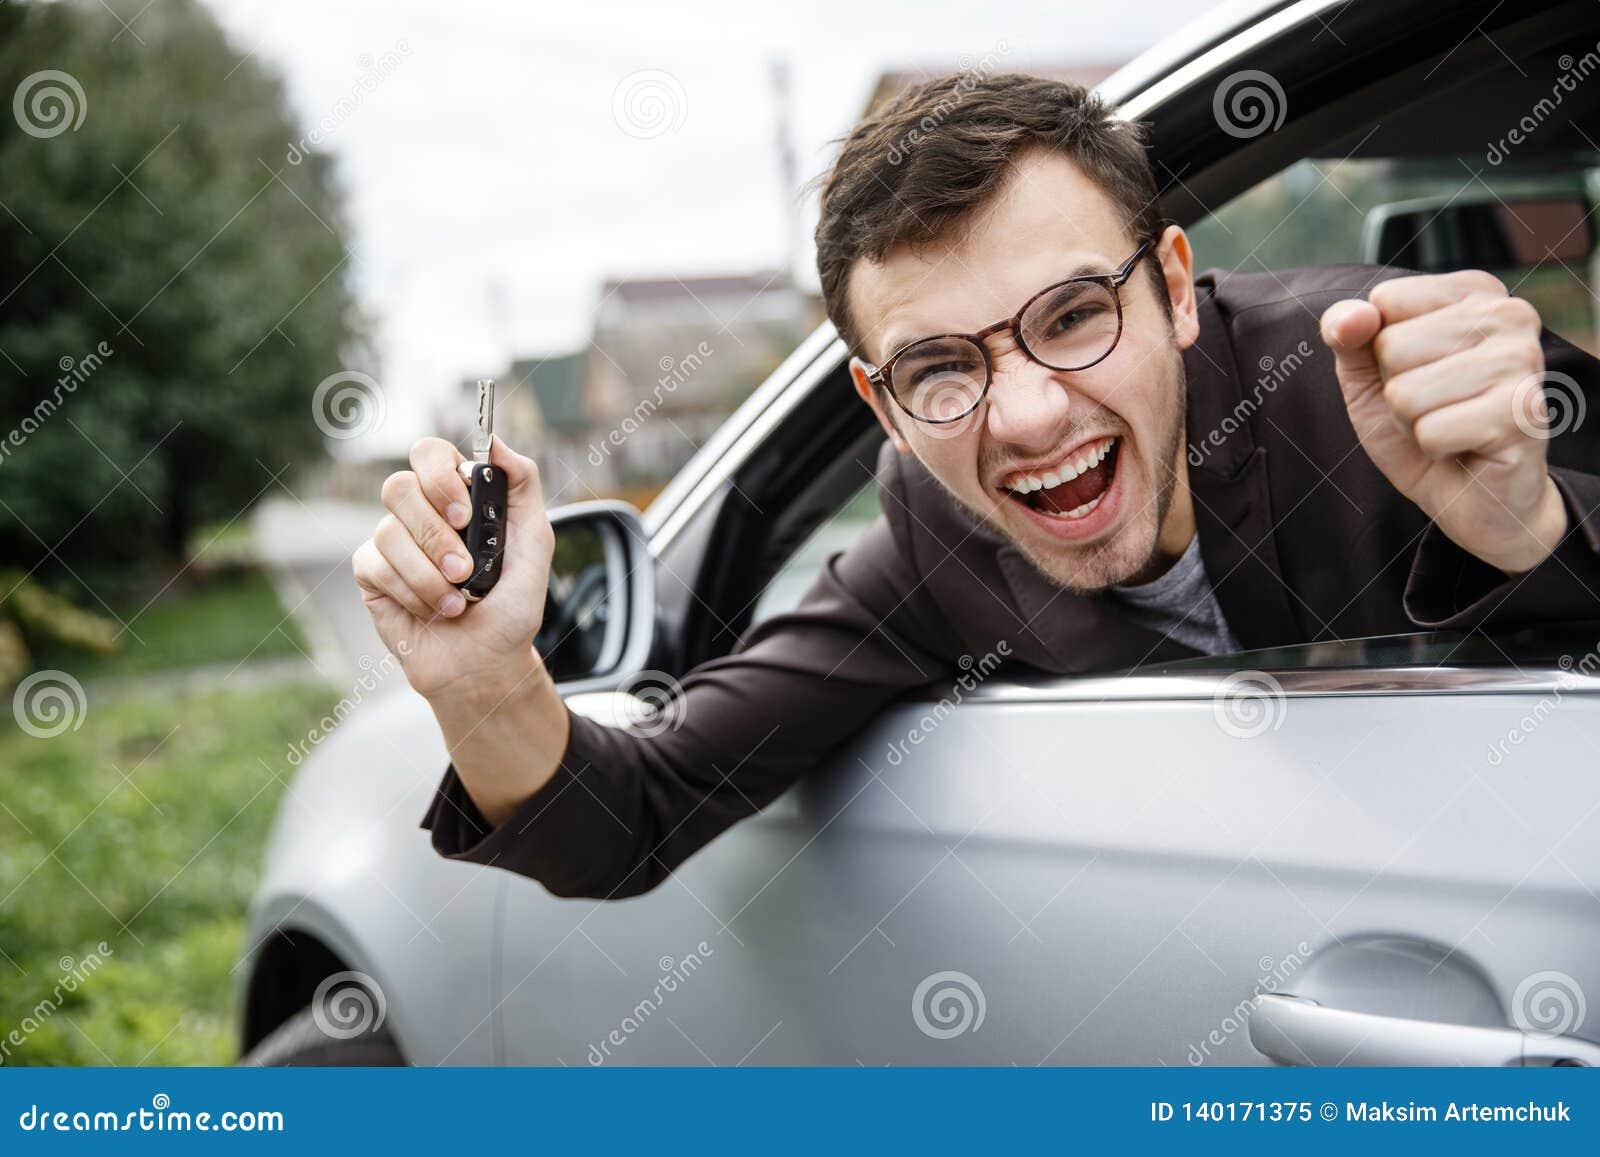 Ο ευχαριστημένος νεαρός άνδρας κρυφοκοιτάζει από το παράθυρο αυτοκινήτων εξετάζοντας τη κάμερα Κρατά τα κλειδιά σε δεξή του his